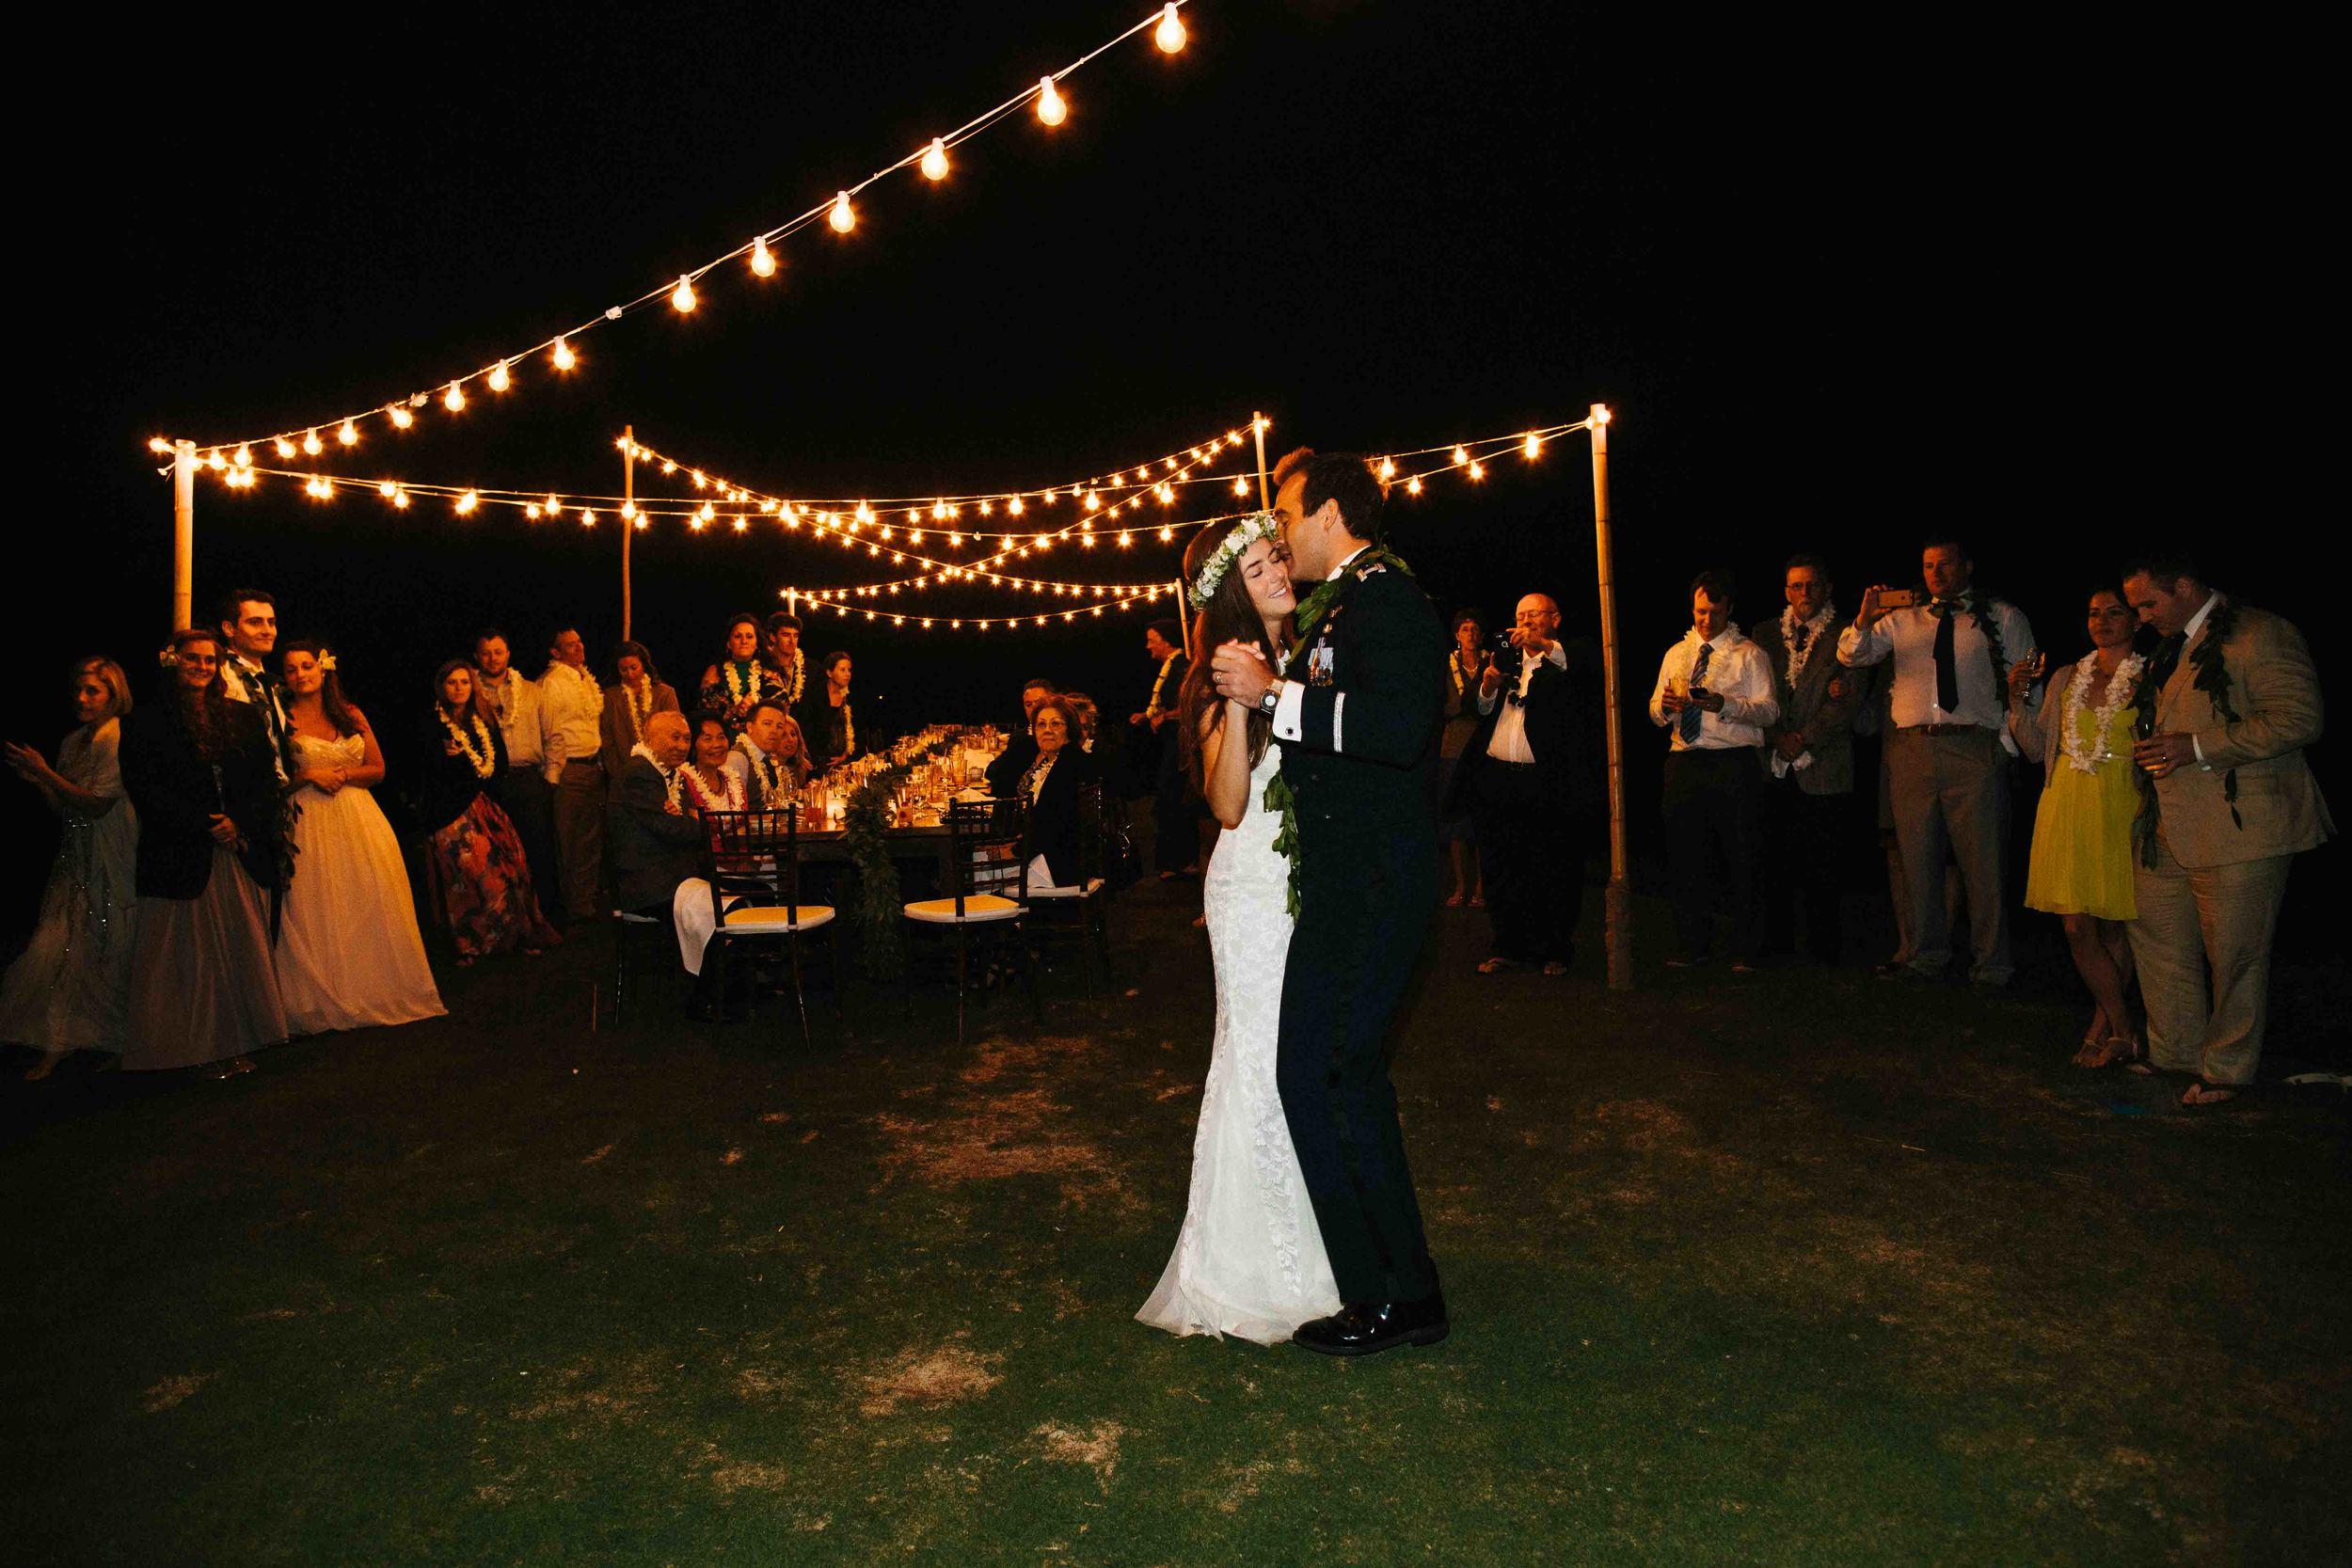 First Dance at an Oahu Wedding Reception